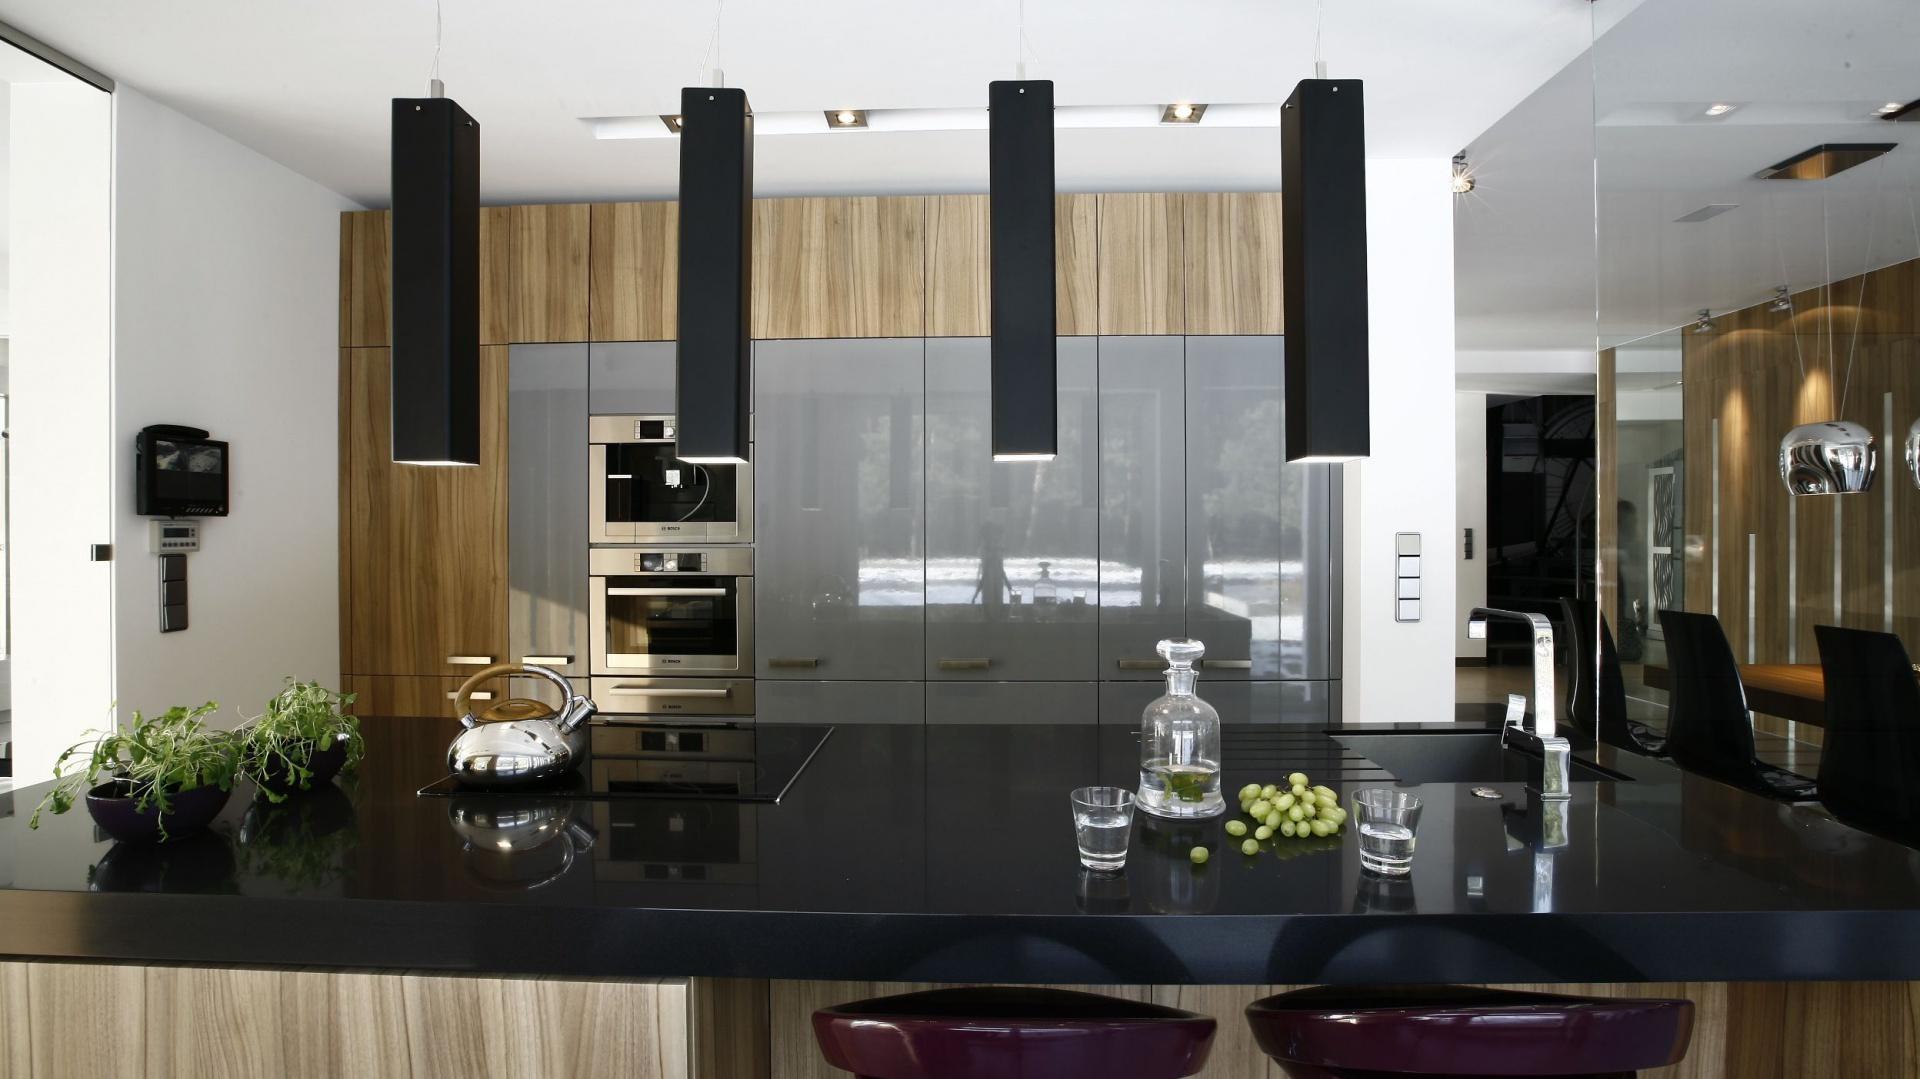 W tej nowoczesnej kuchni cała powierzchnia robocza została przeniesiona na dużą wyspę. Odpowiednie oświetlenie blatu zapewniają cztery dekoracyjne lampy w długich, prostokątnych aluminiowych abażurach w ciemnym kolorze, harmonizujący z barwą blatu. Projekt: Liliana Masewicz-Kowalska. Fot. Marcin Onufryjuk.